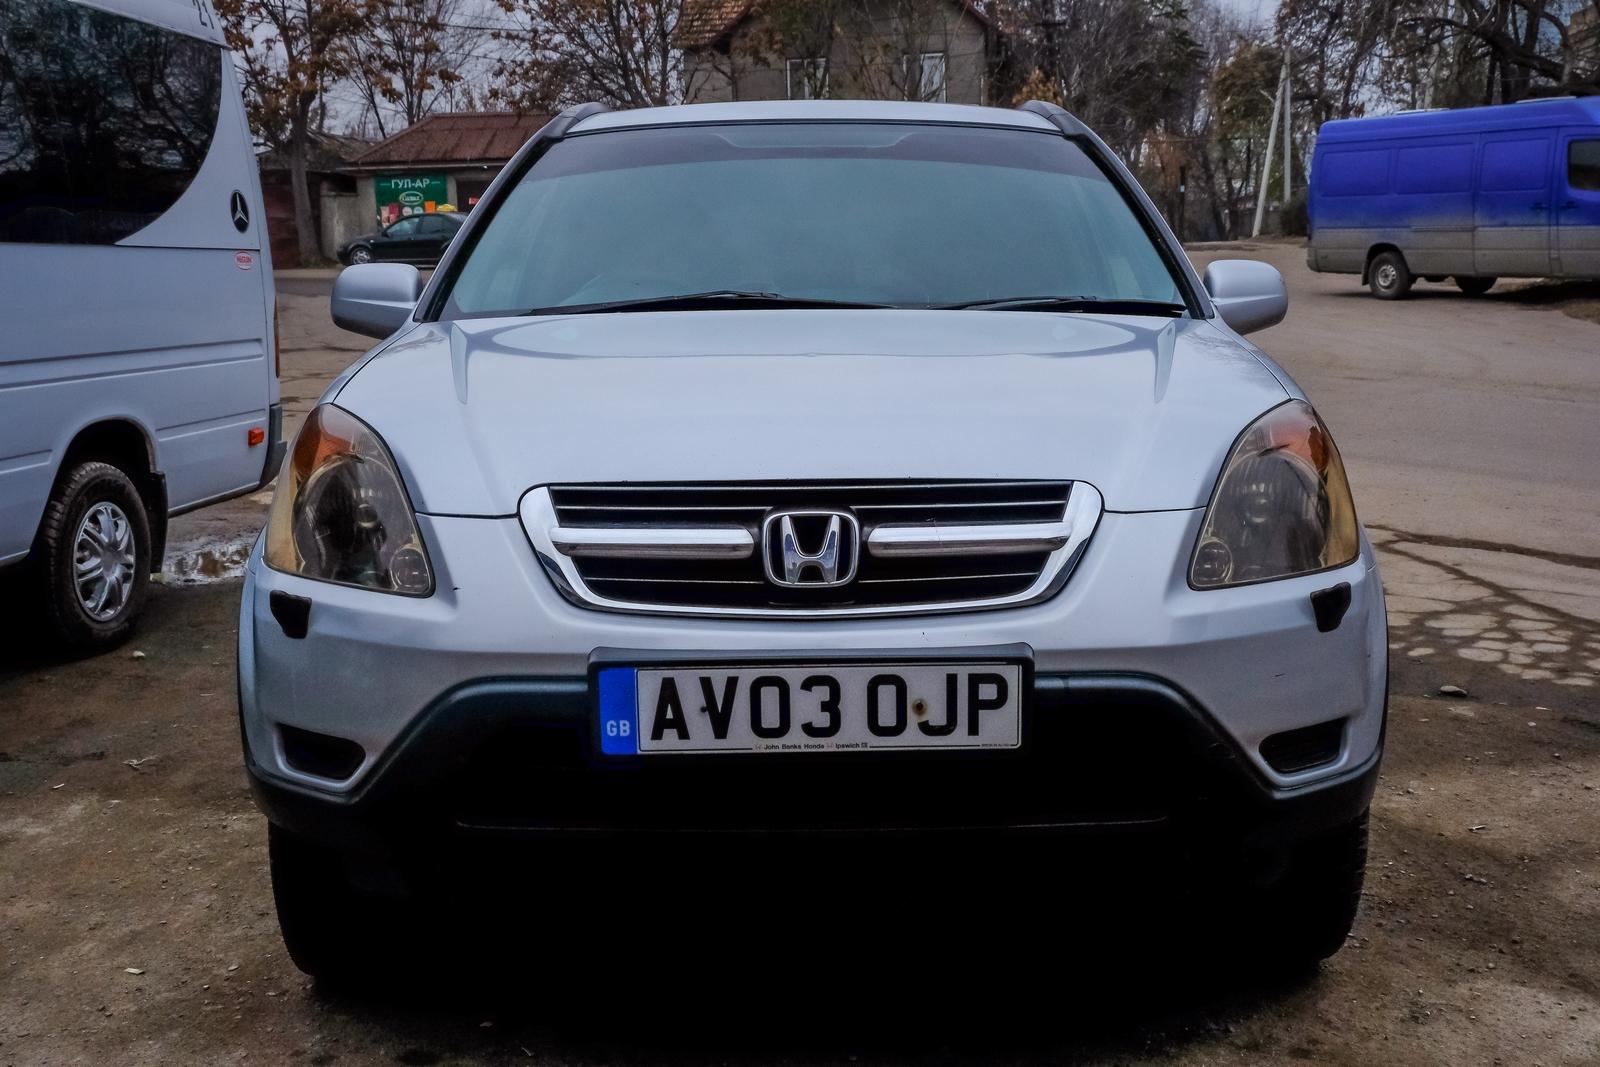 Honda CRV front